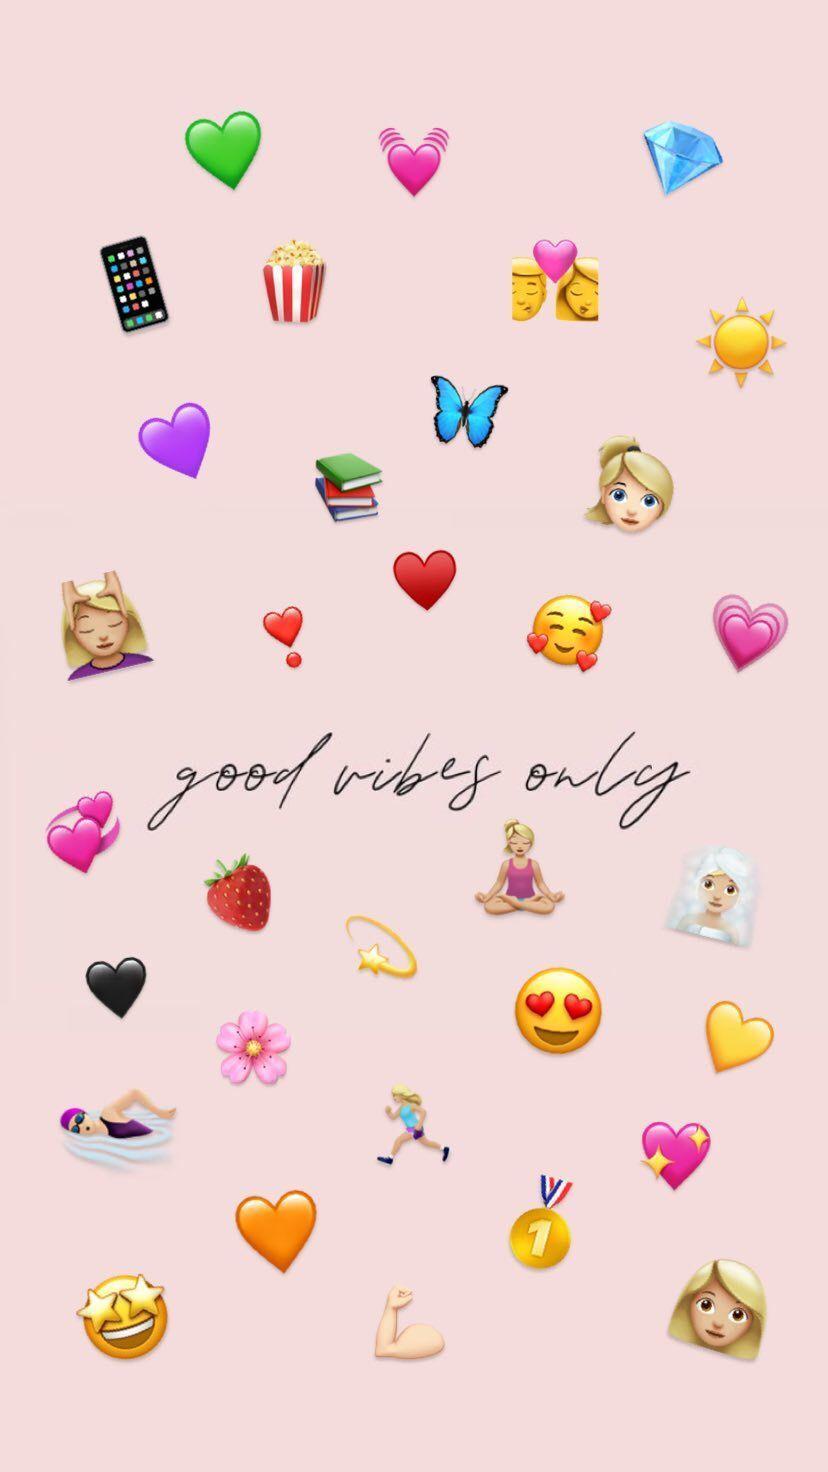 Buone Vibrazioni Only Emoji Wallpaper Iphone Emoji Wallpaper Wallpaper Iphone Cute